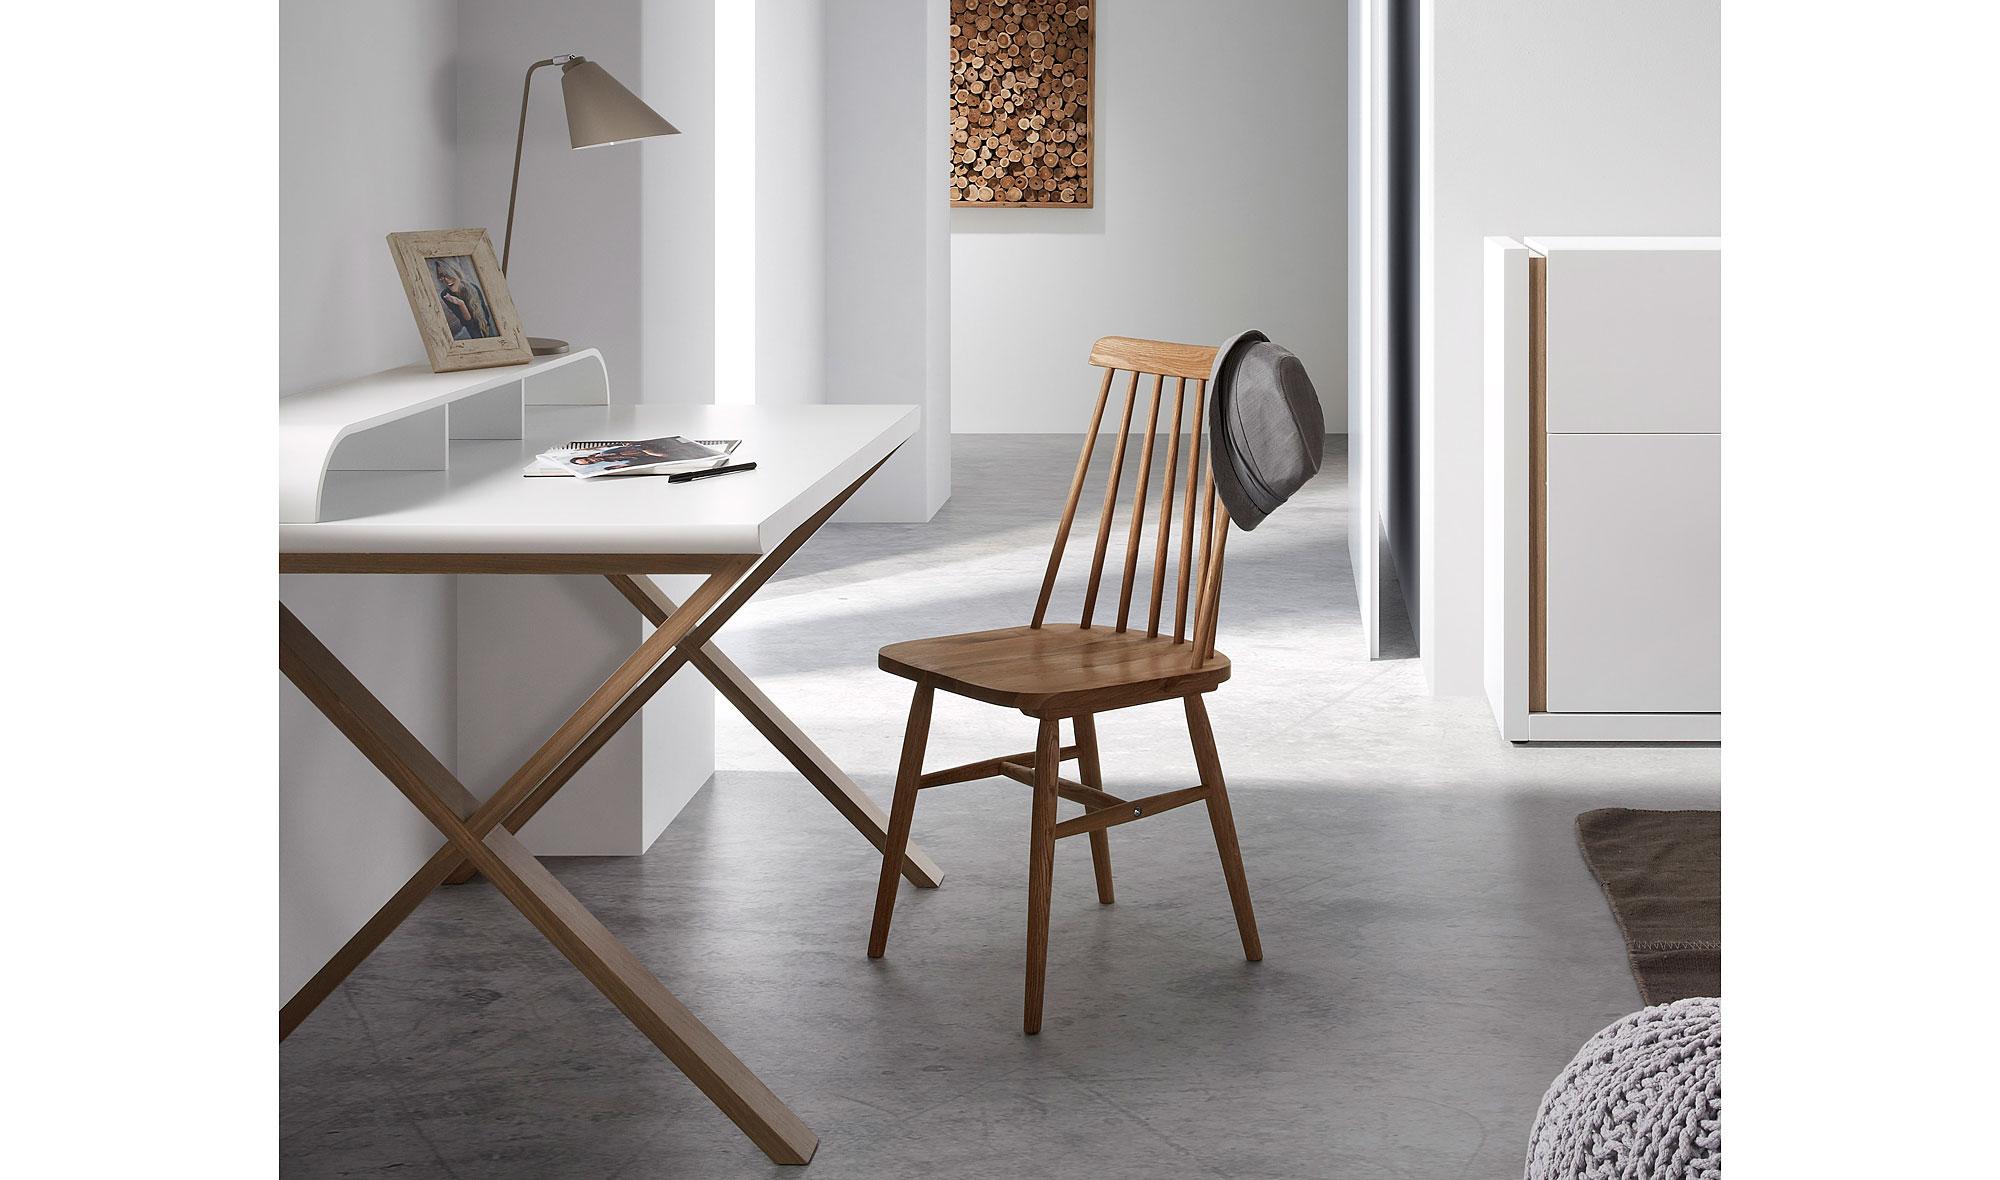 Despacho nordik living j2 no disponible en for Muebles para despacho